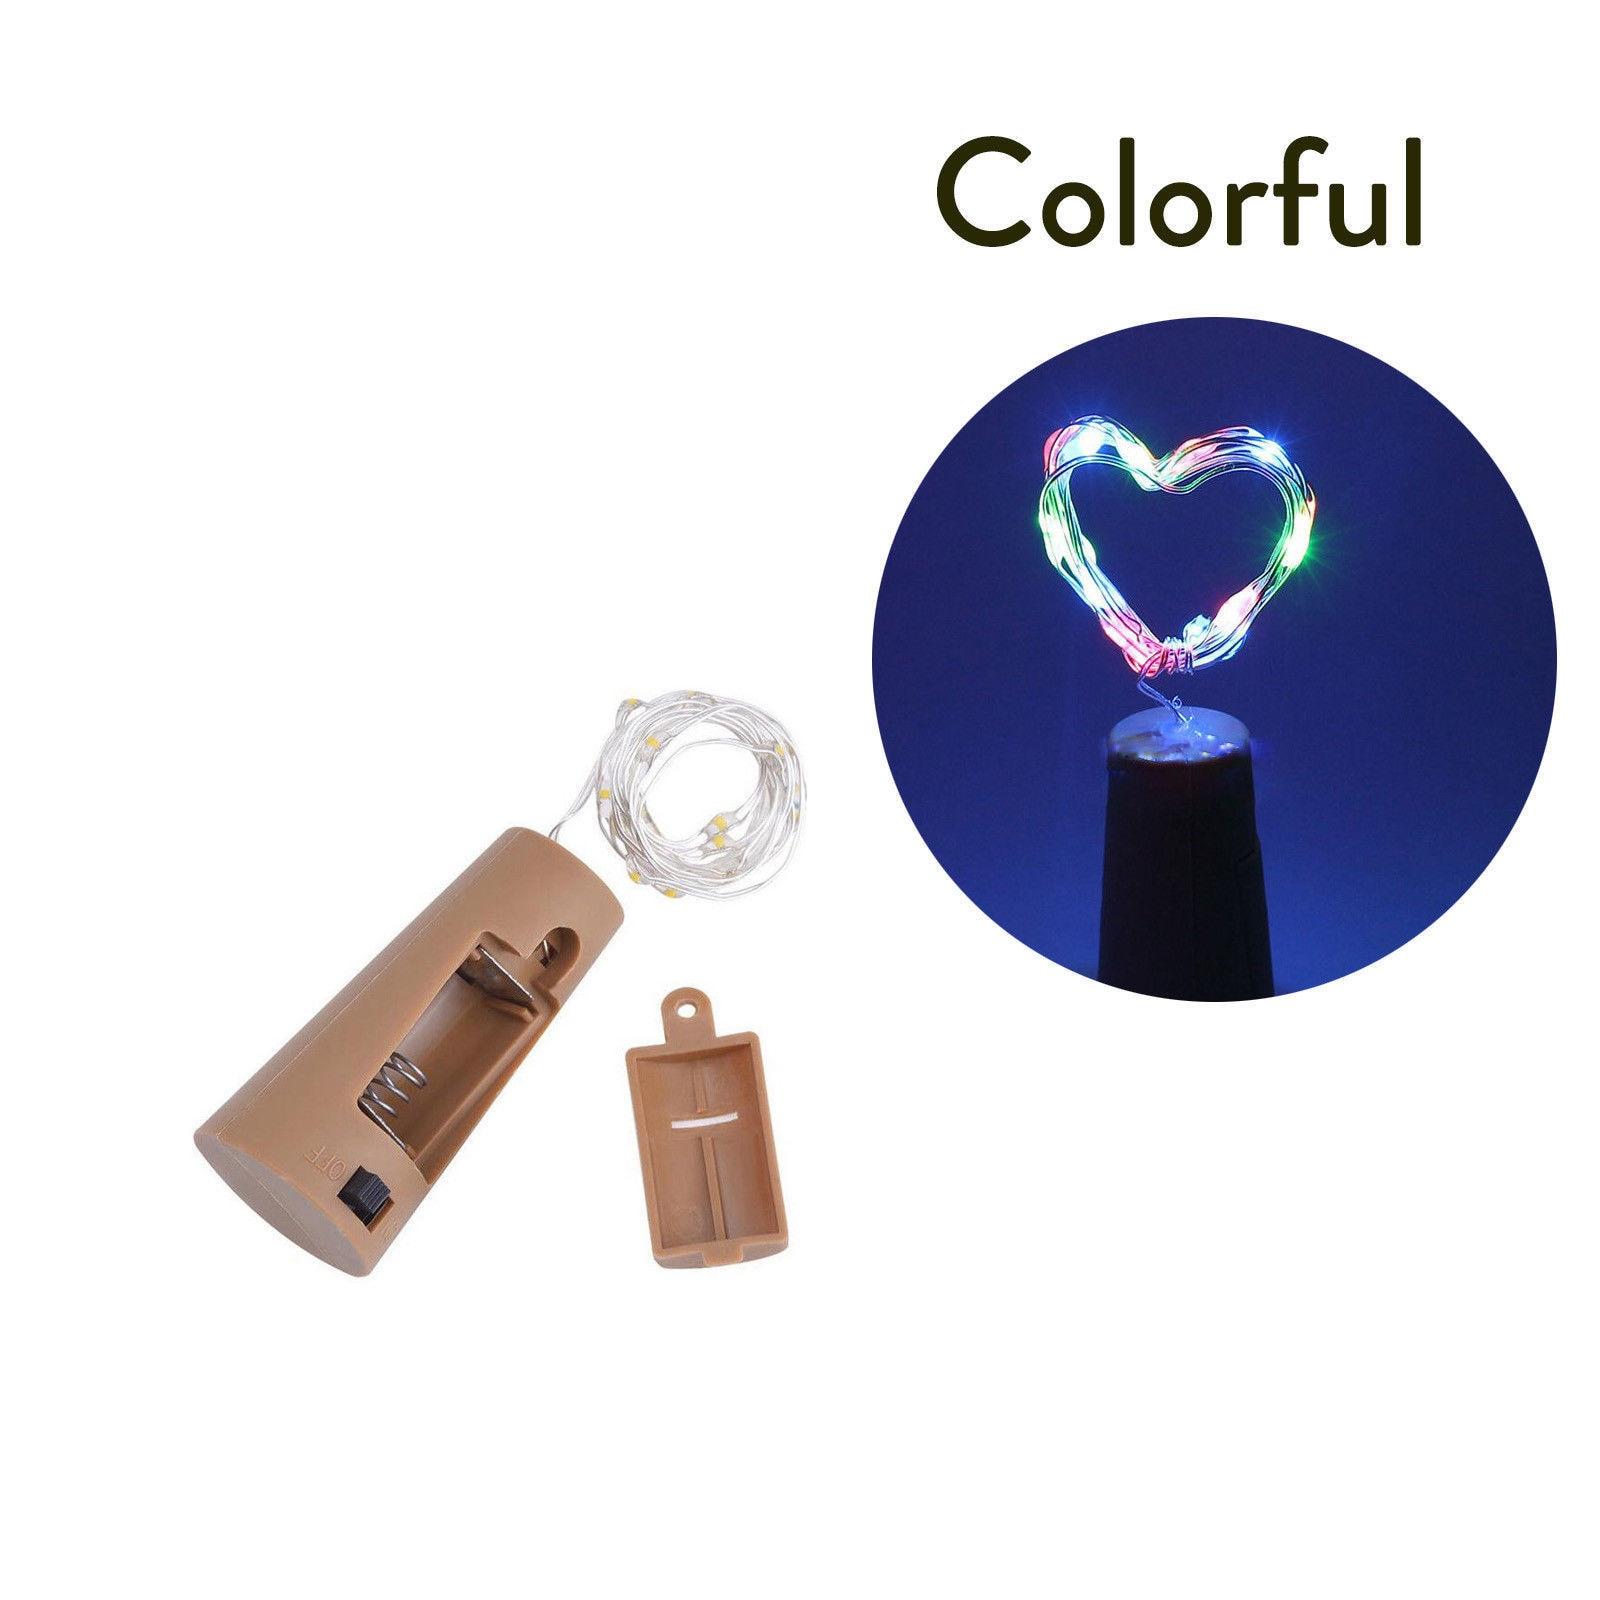 10 20 30 светодиодный s пробковый светодиодный светильник, медная проволока, праздничный уличный Сказочный светильник s для рождественской вечеринки, свадебного украшения - Испускаемый цвет: Multicolor